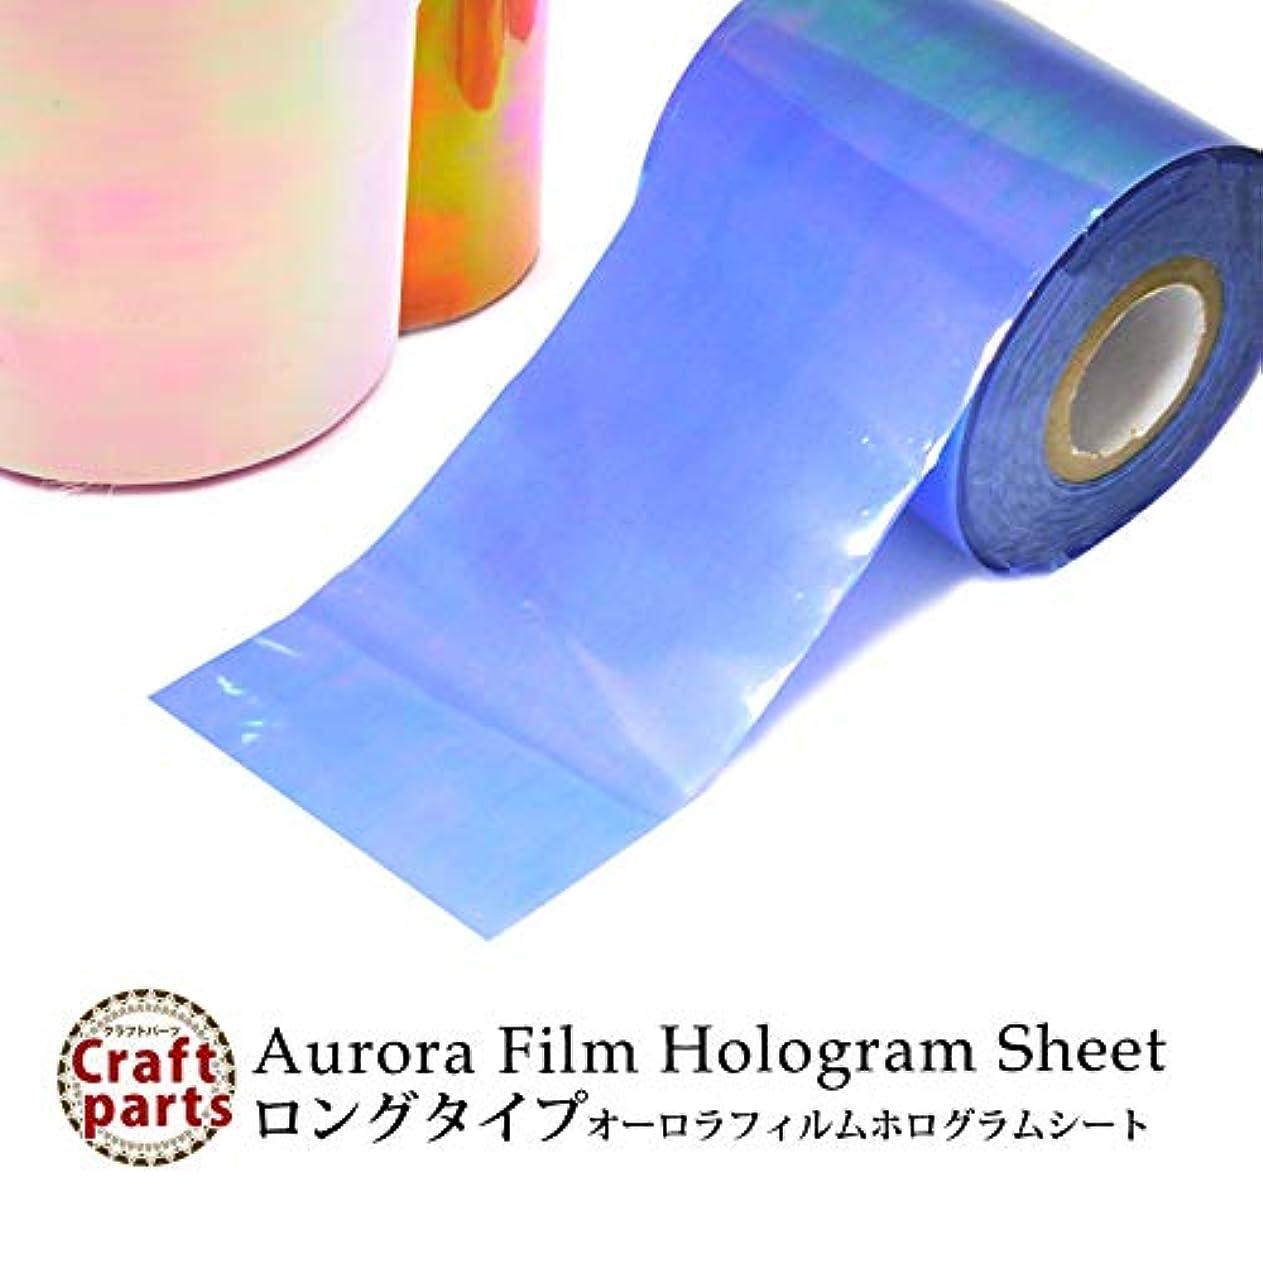 命令的きらめくコマンドロングタイプ オーロラフィルム ホログラムシート 18種 1枚入り (1.Lピンク系)